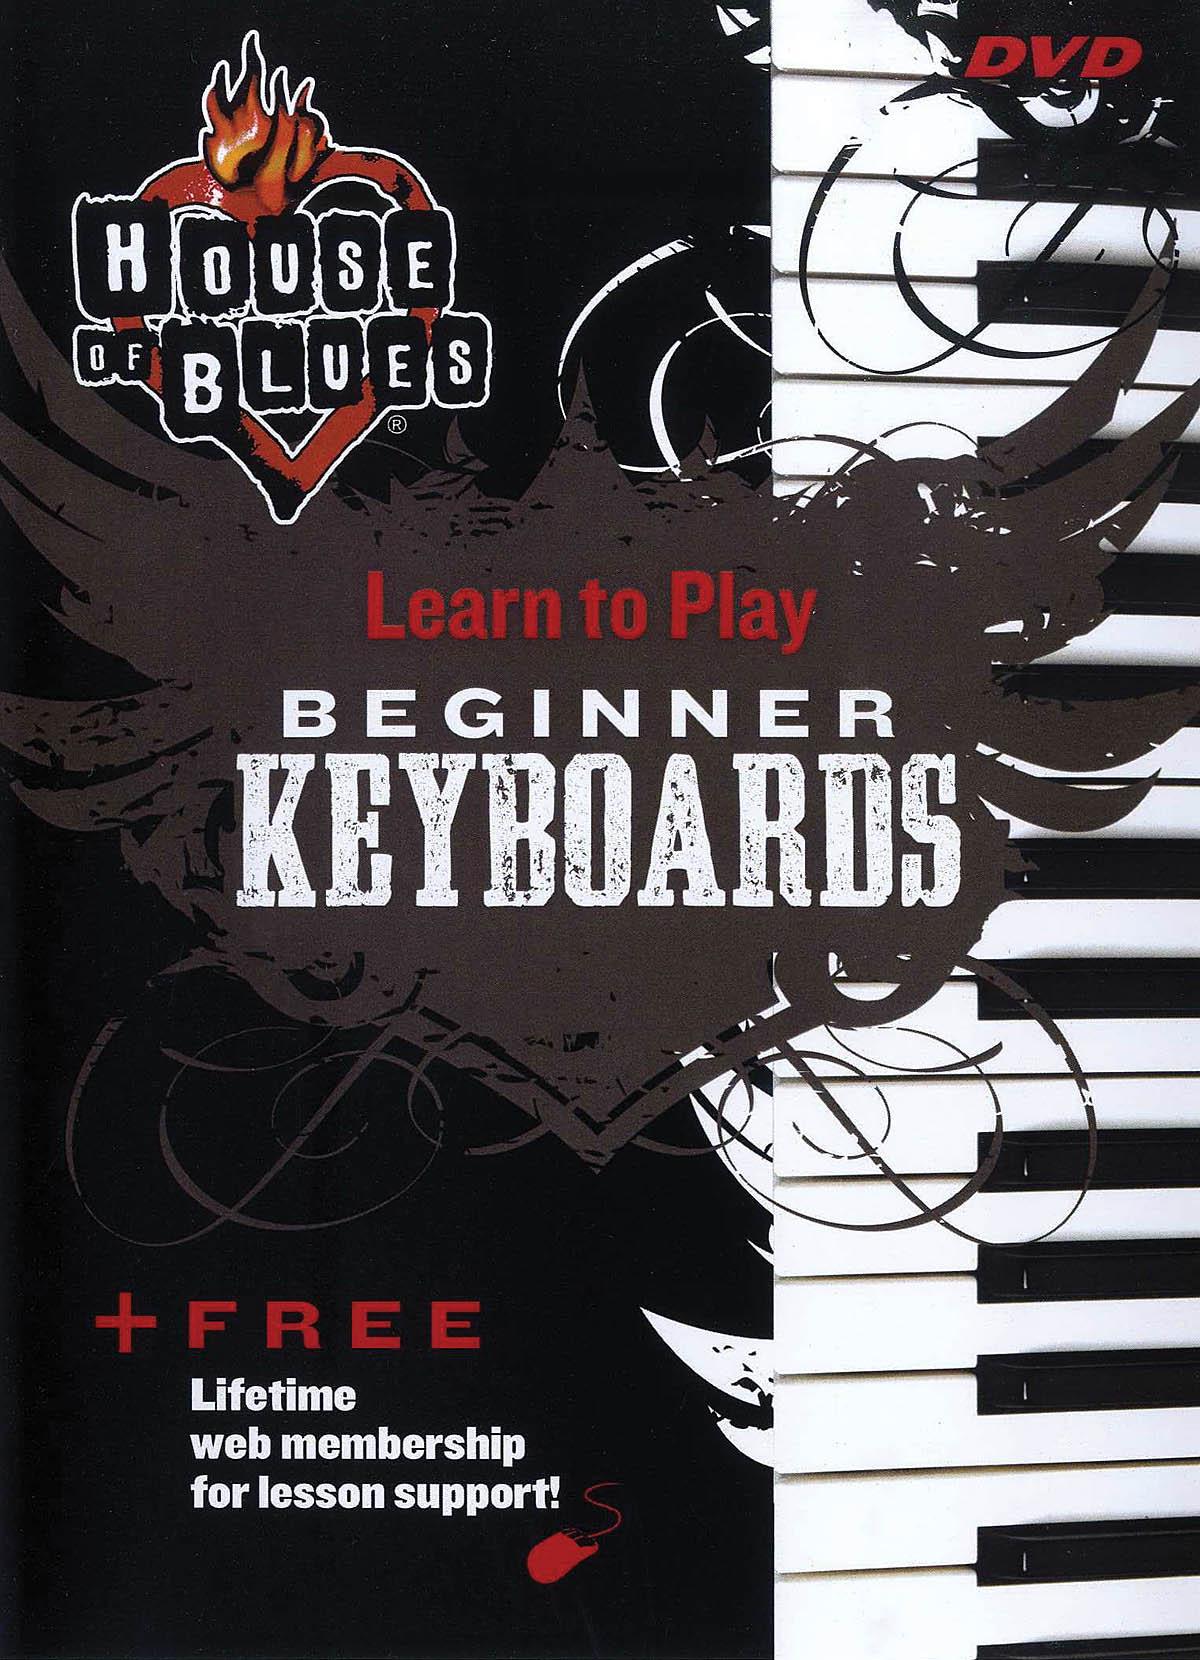 House of Blues - Beginner Keyboards: Keyboard: DVD